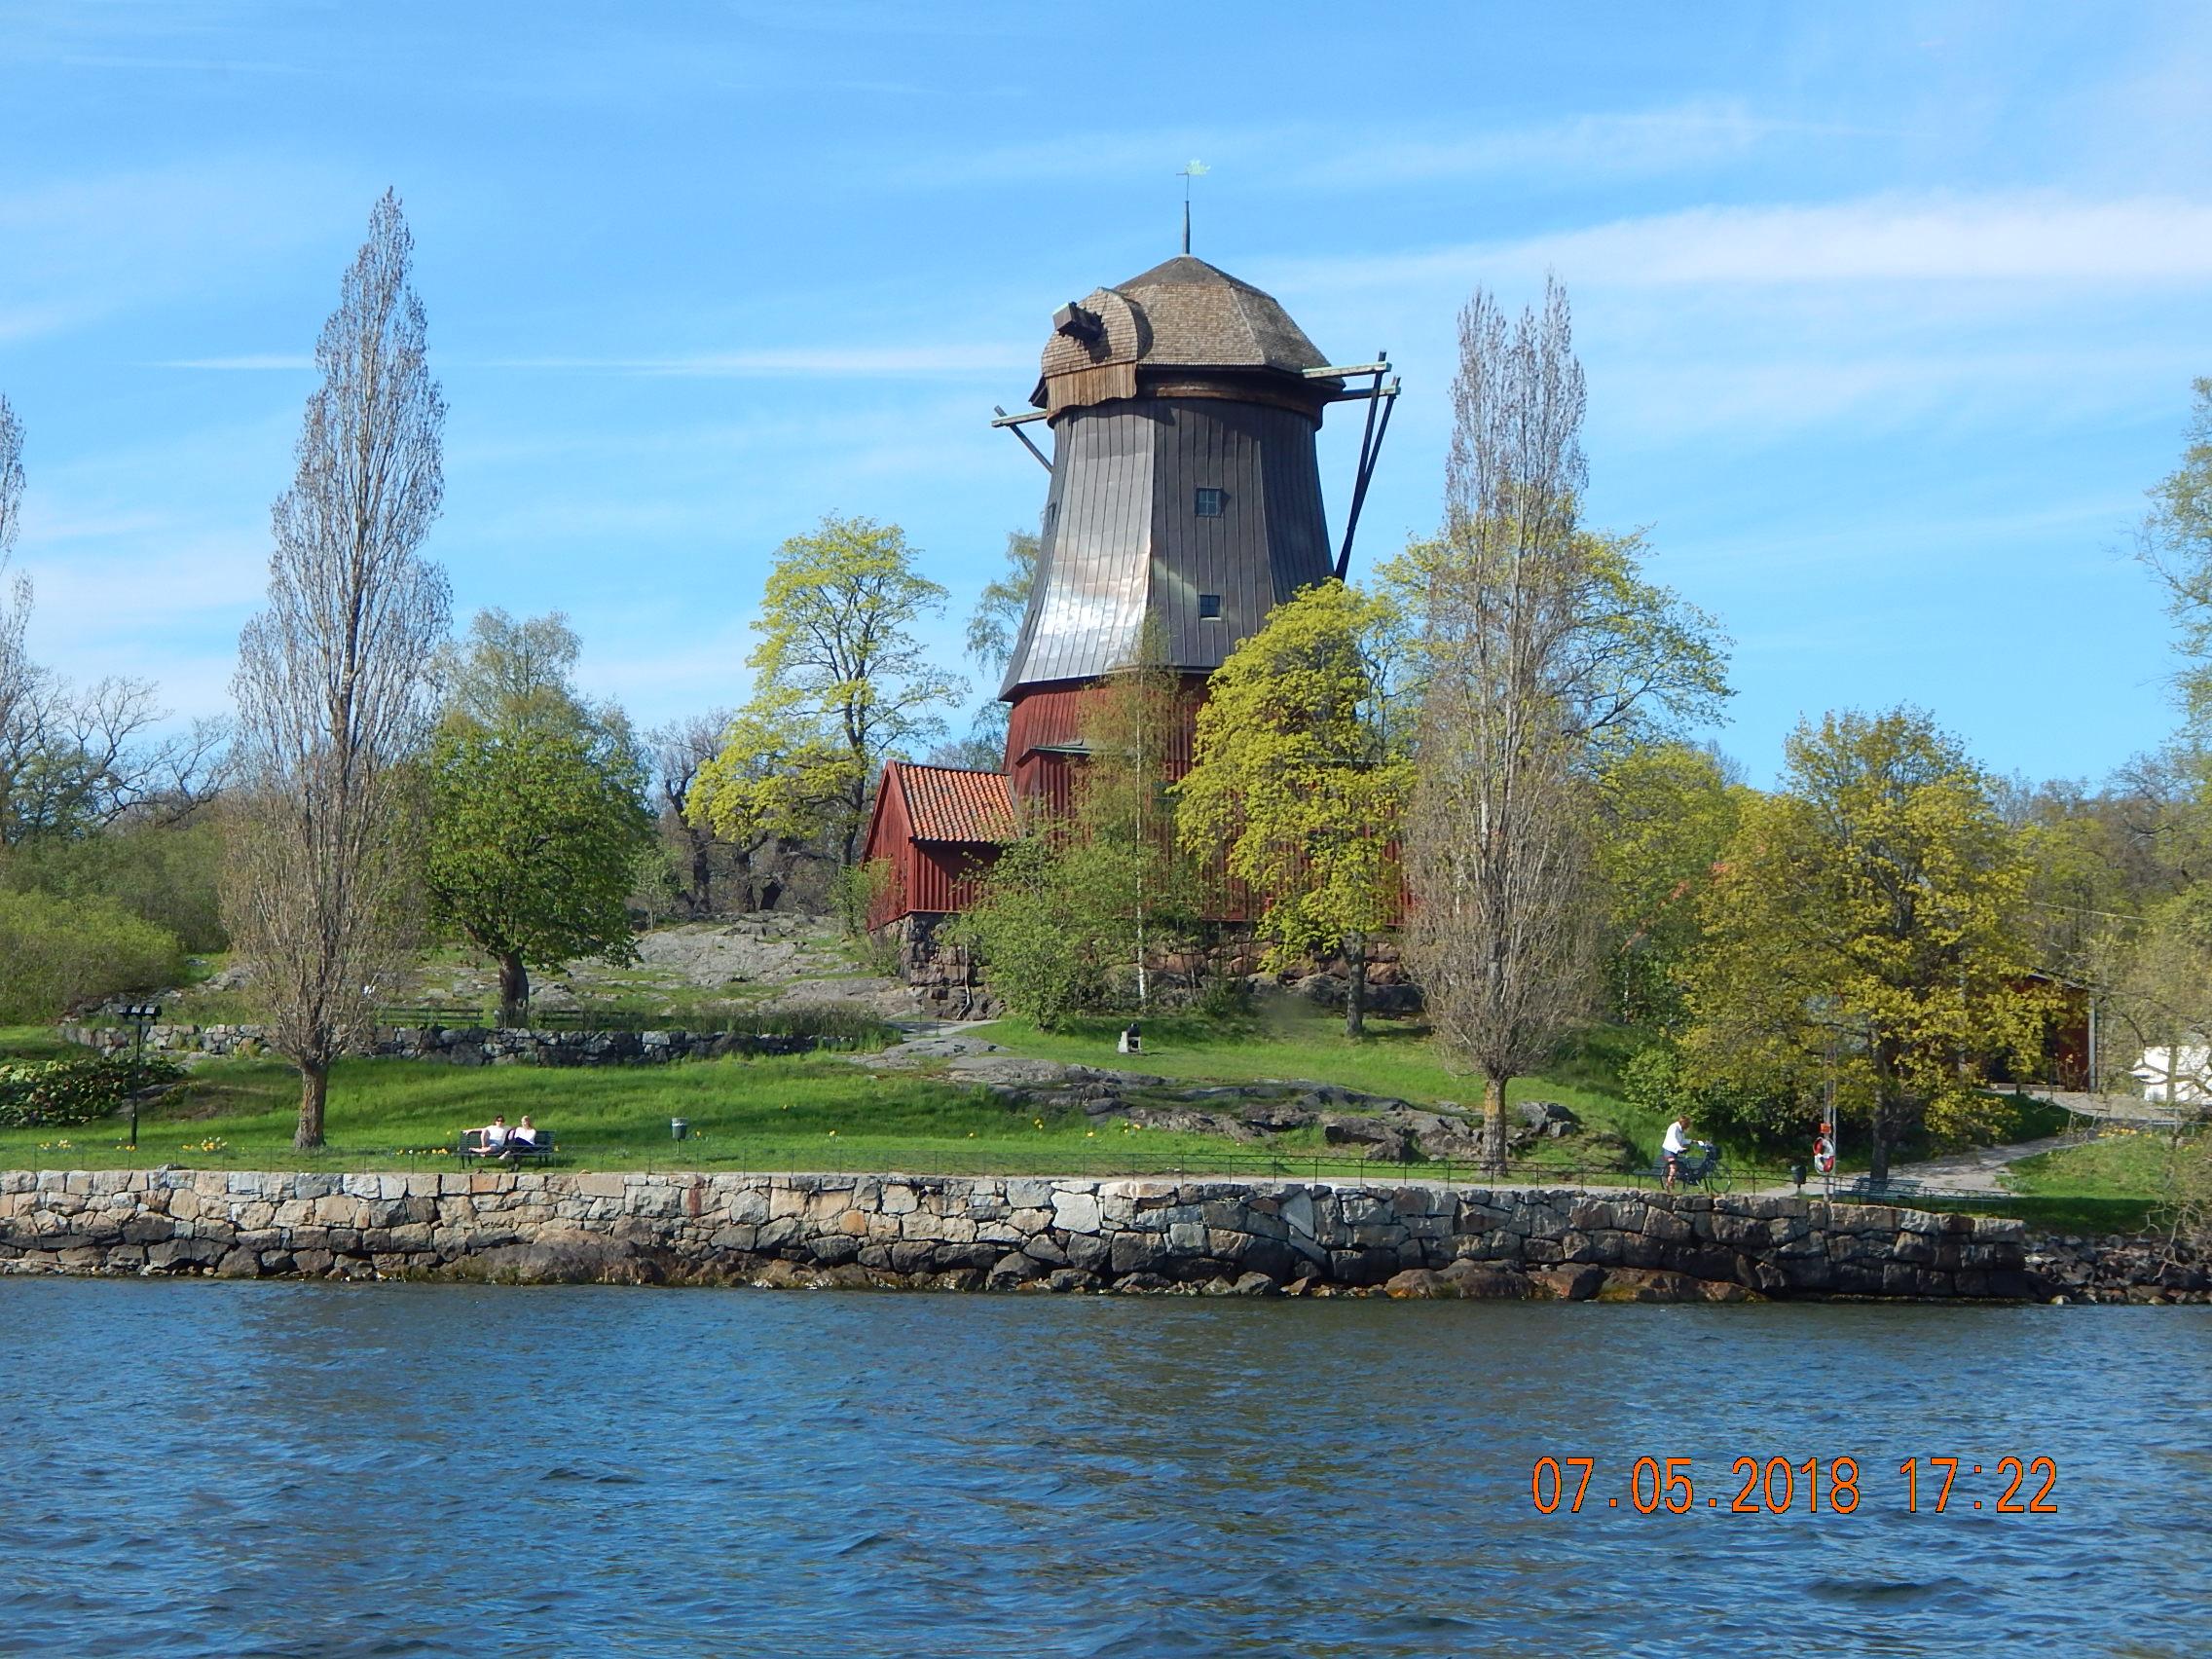 Романтическое путешествие в Скандинавию. - Страница 2 Dscn4617